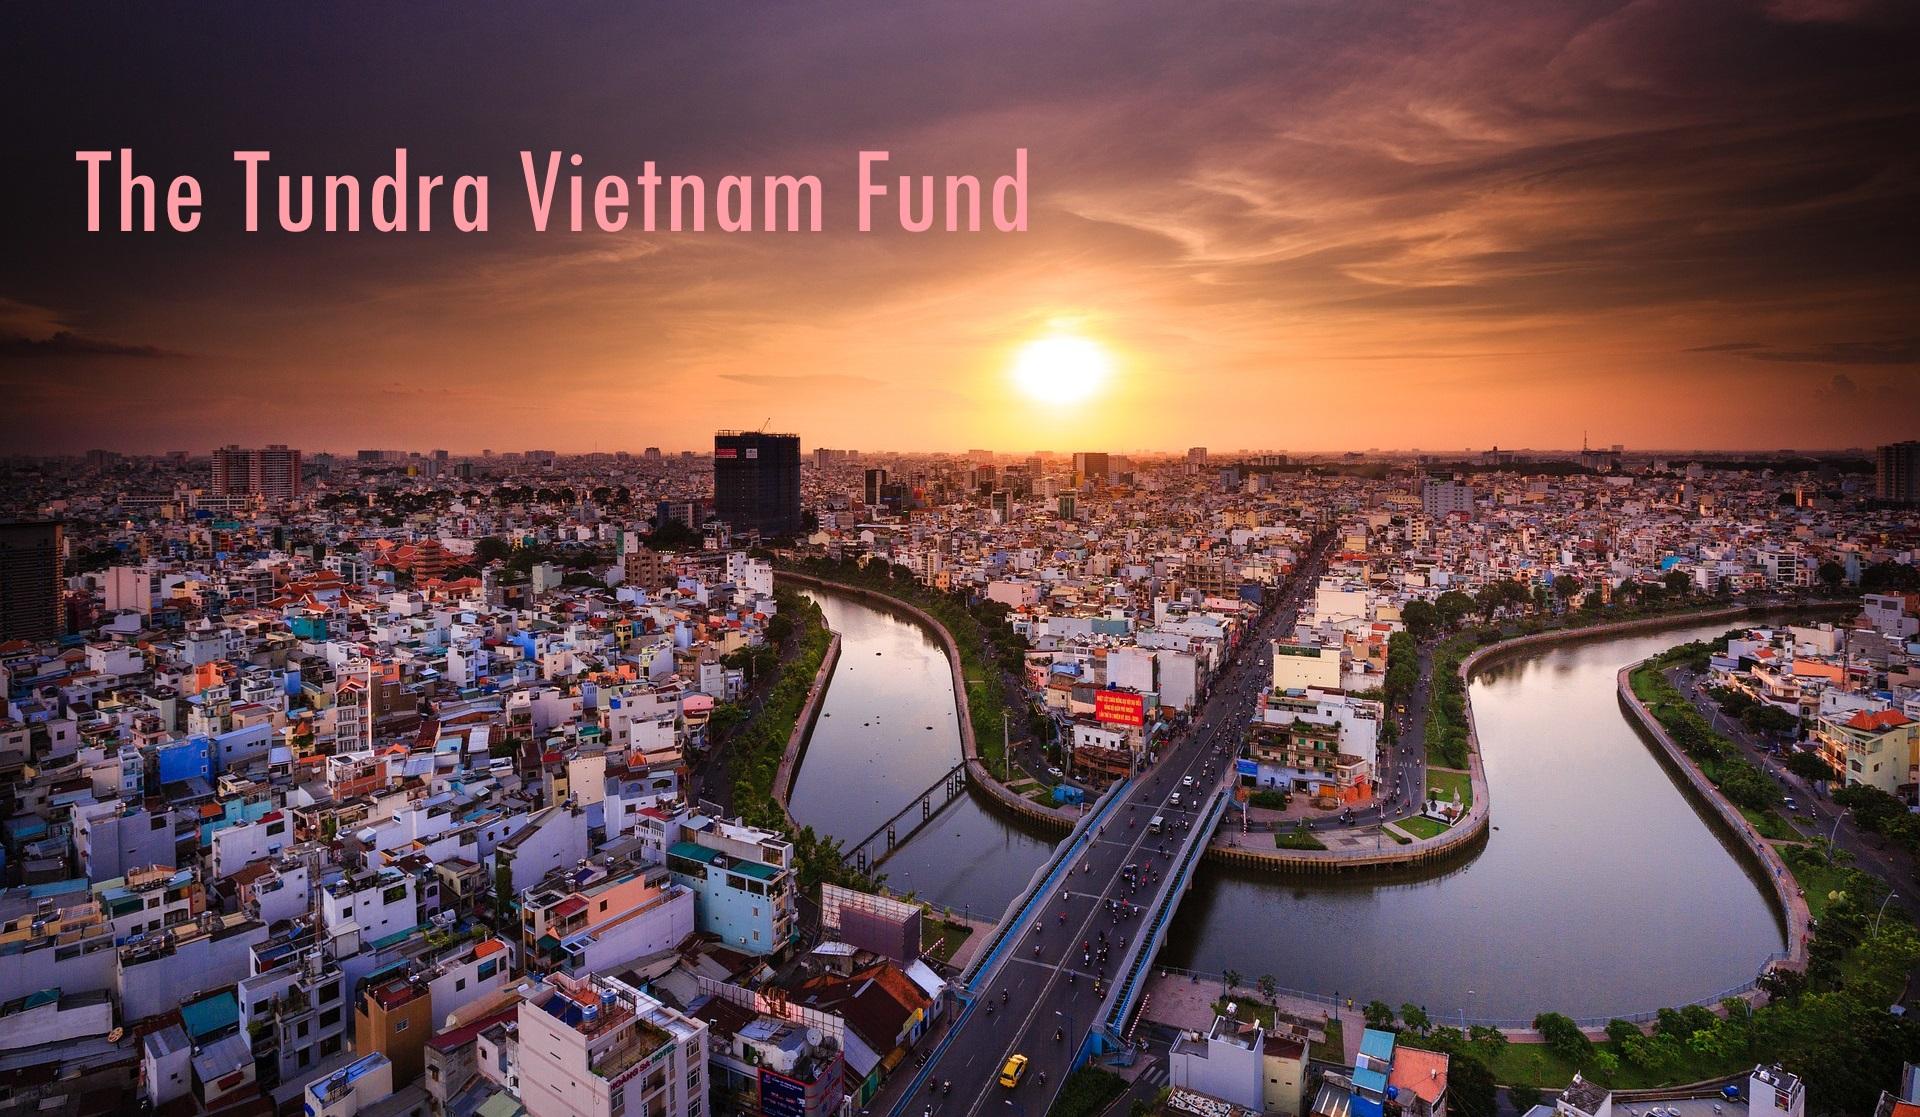 Tundra bán sạch LPB, mua ACV, tỷ trọng FPT vẫn dẫn đầu nhóm cổ phiếu Việt Nam và chỉ sau 1 công ty IT hàng đầu Pakistan